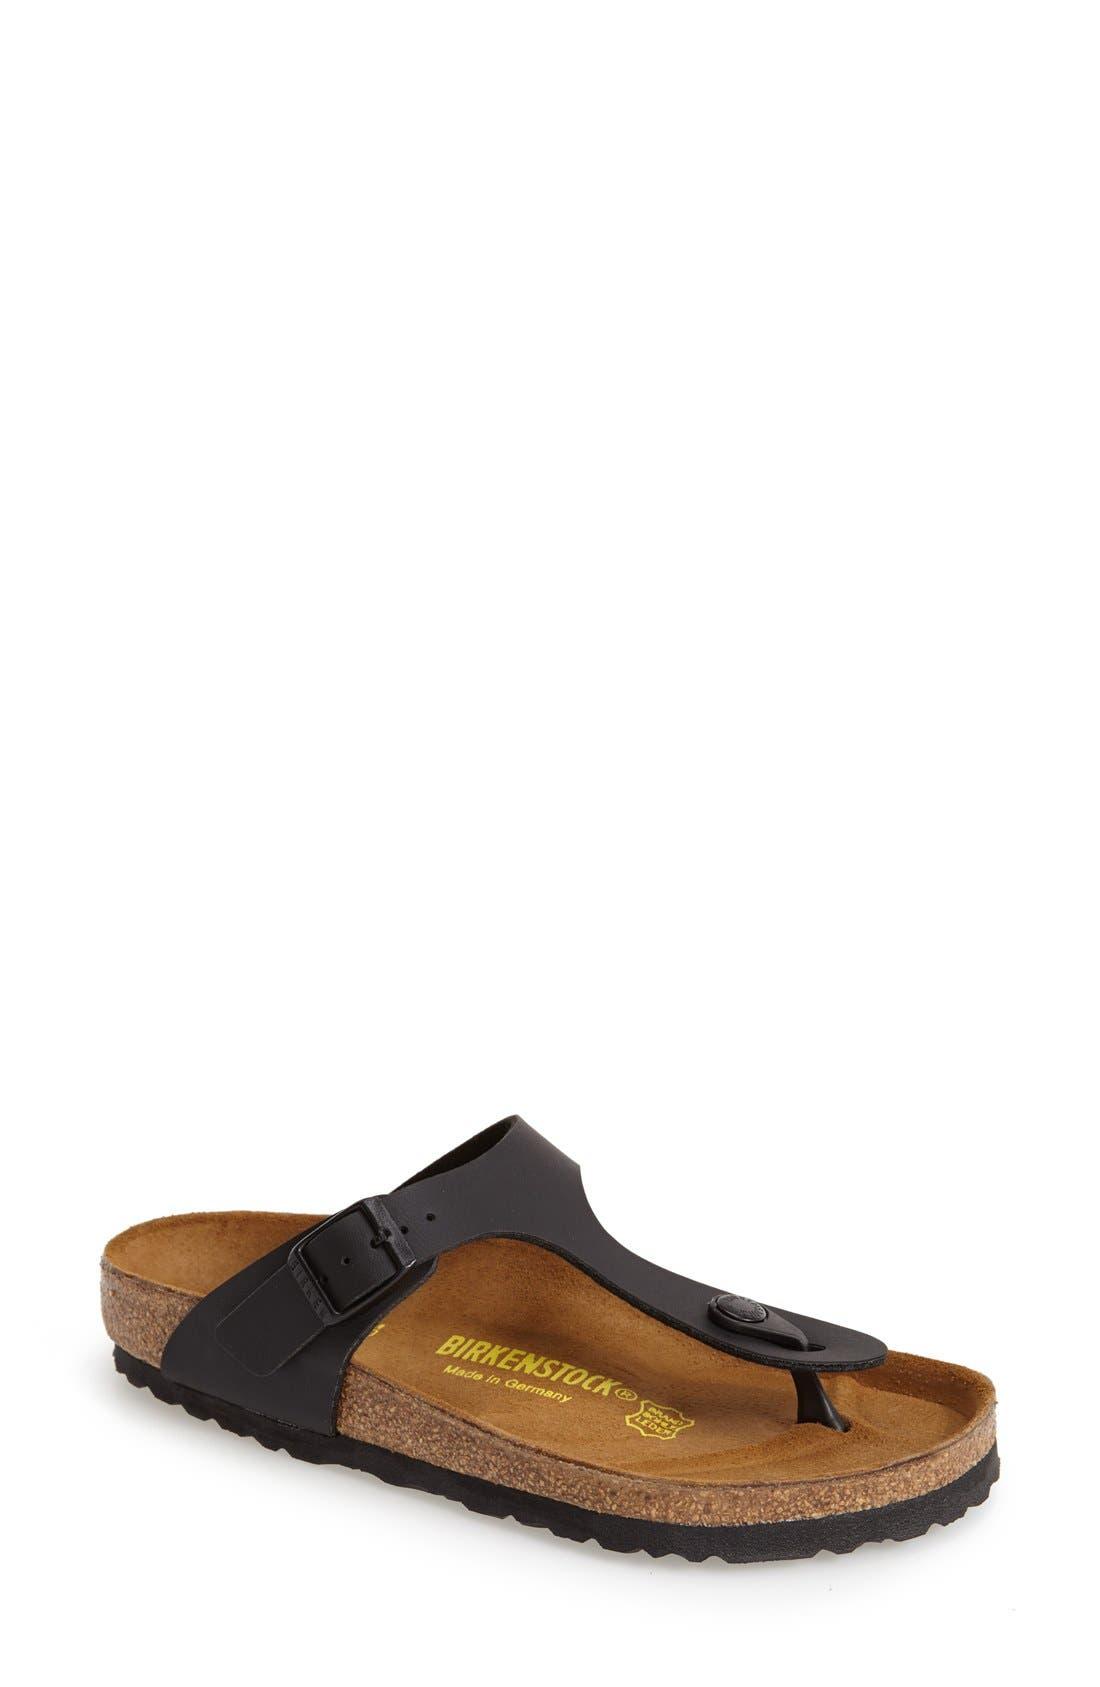 'Gizeh' Birko-Flor Thong Sandal,                         Main,                         color,